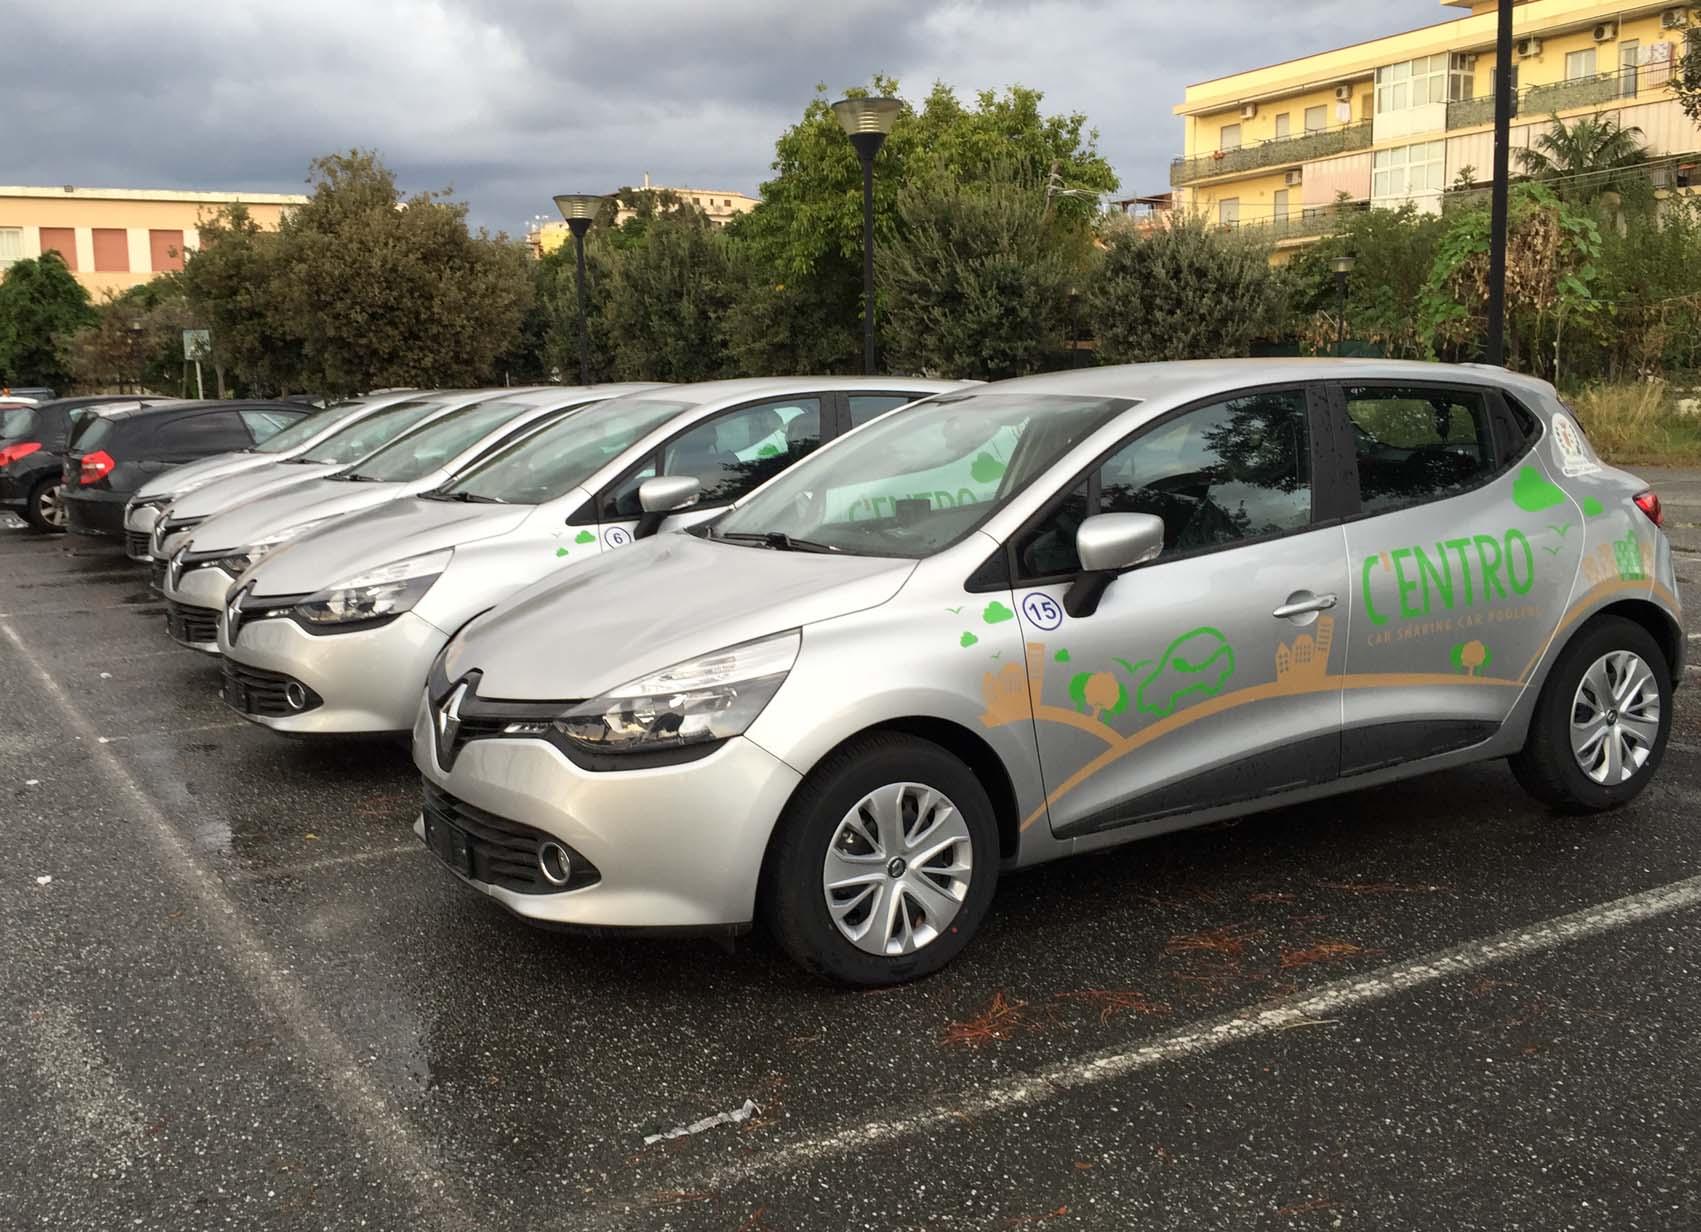 Automobili nuove per il car sharing mai utilizzate: lo scandalo all'aeroporto di Reggio Calabria